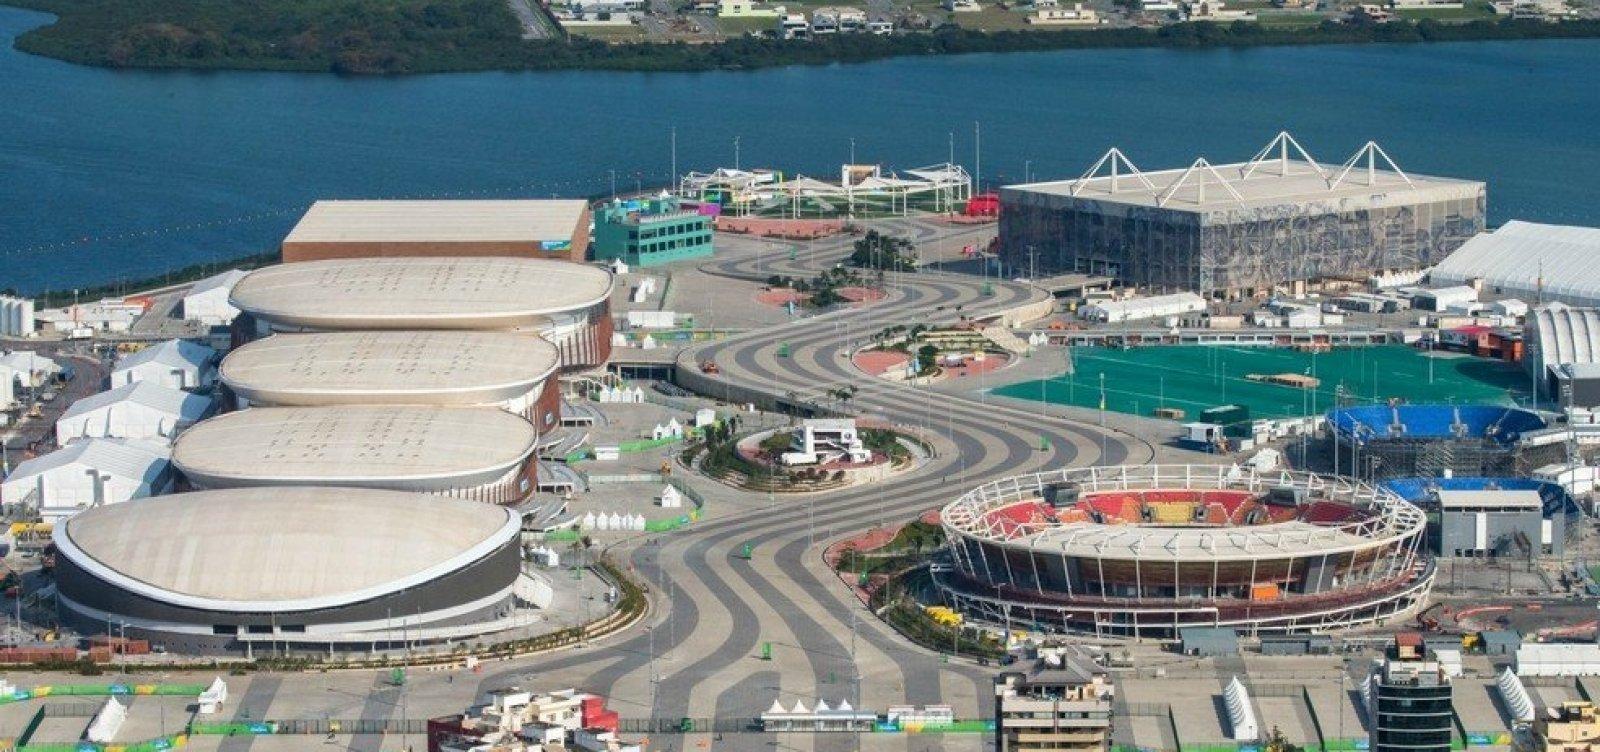 [Justiça ordena interdição de instalações olímpicas do Rio]